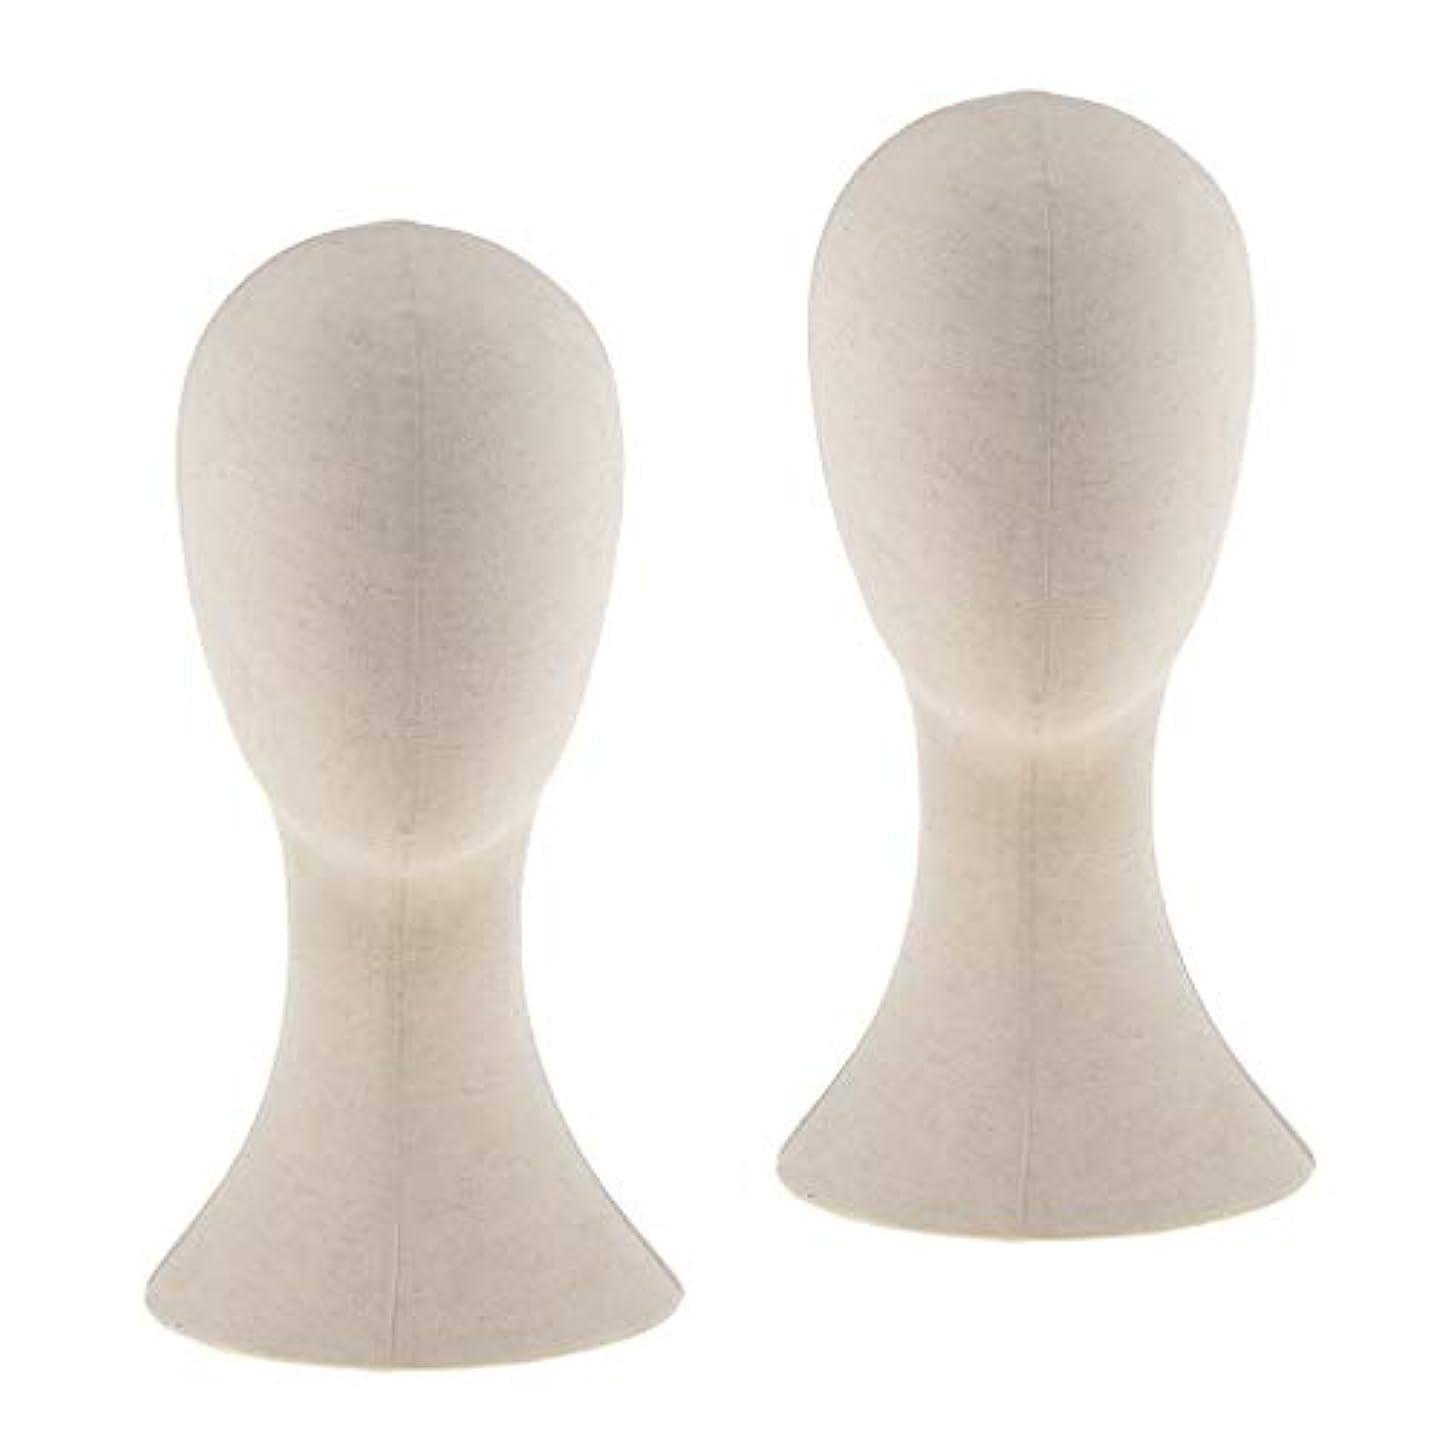 性的コンペ上昇DYNWAVE マネキンヘッド ウィッグスタンド練習 頭部 女性ウィッグマネキン ディスプレイ 帽子スタンド 2個入り